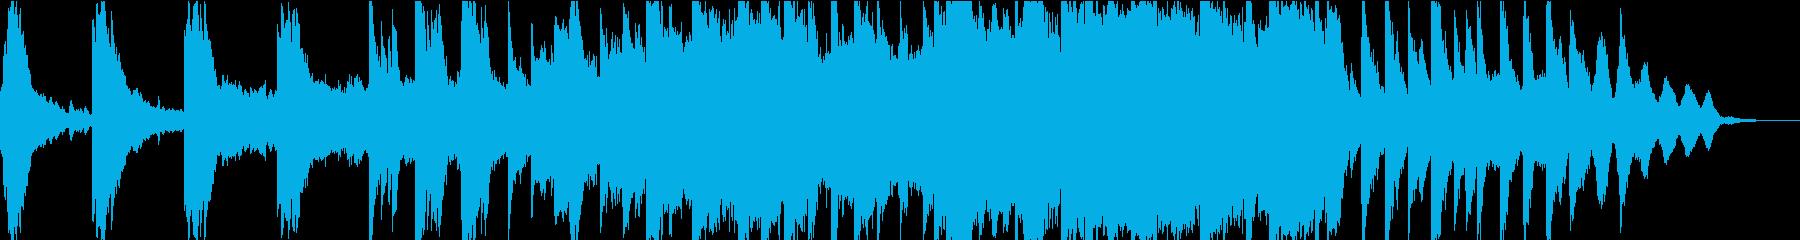 ピアノとストリングスと琴の小曲の再生済みの波形